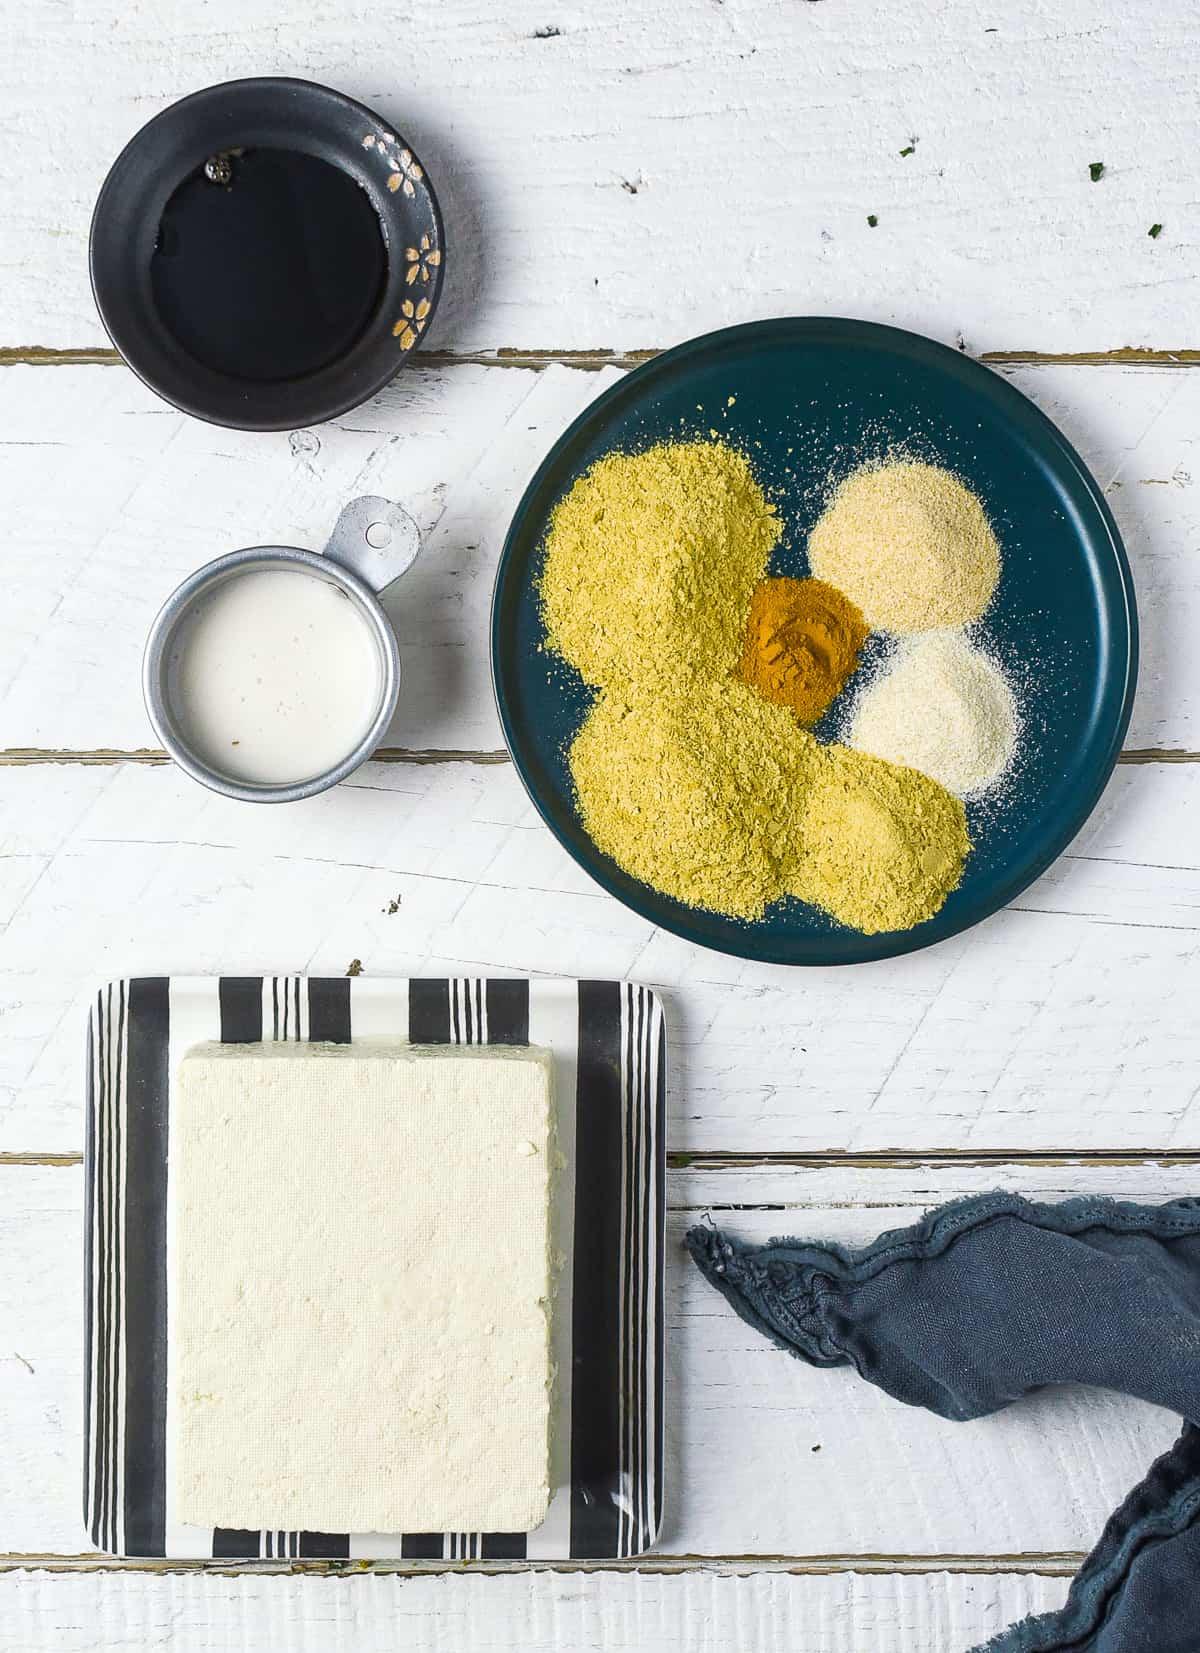 Tofu scramble ingredients.